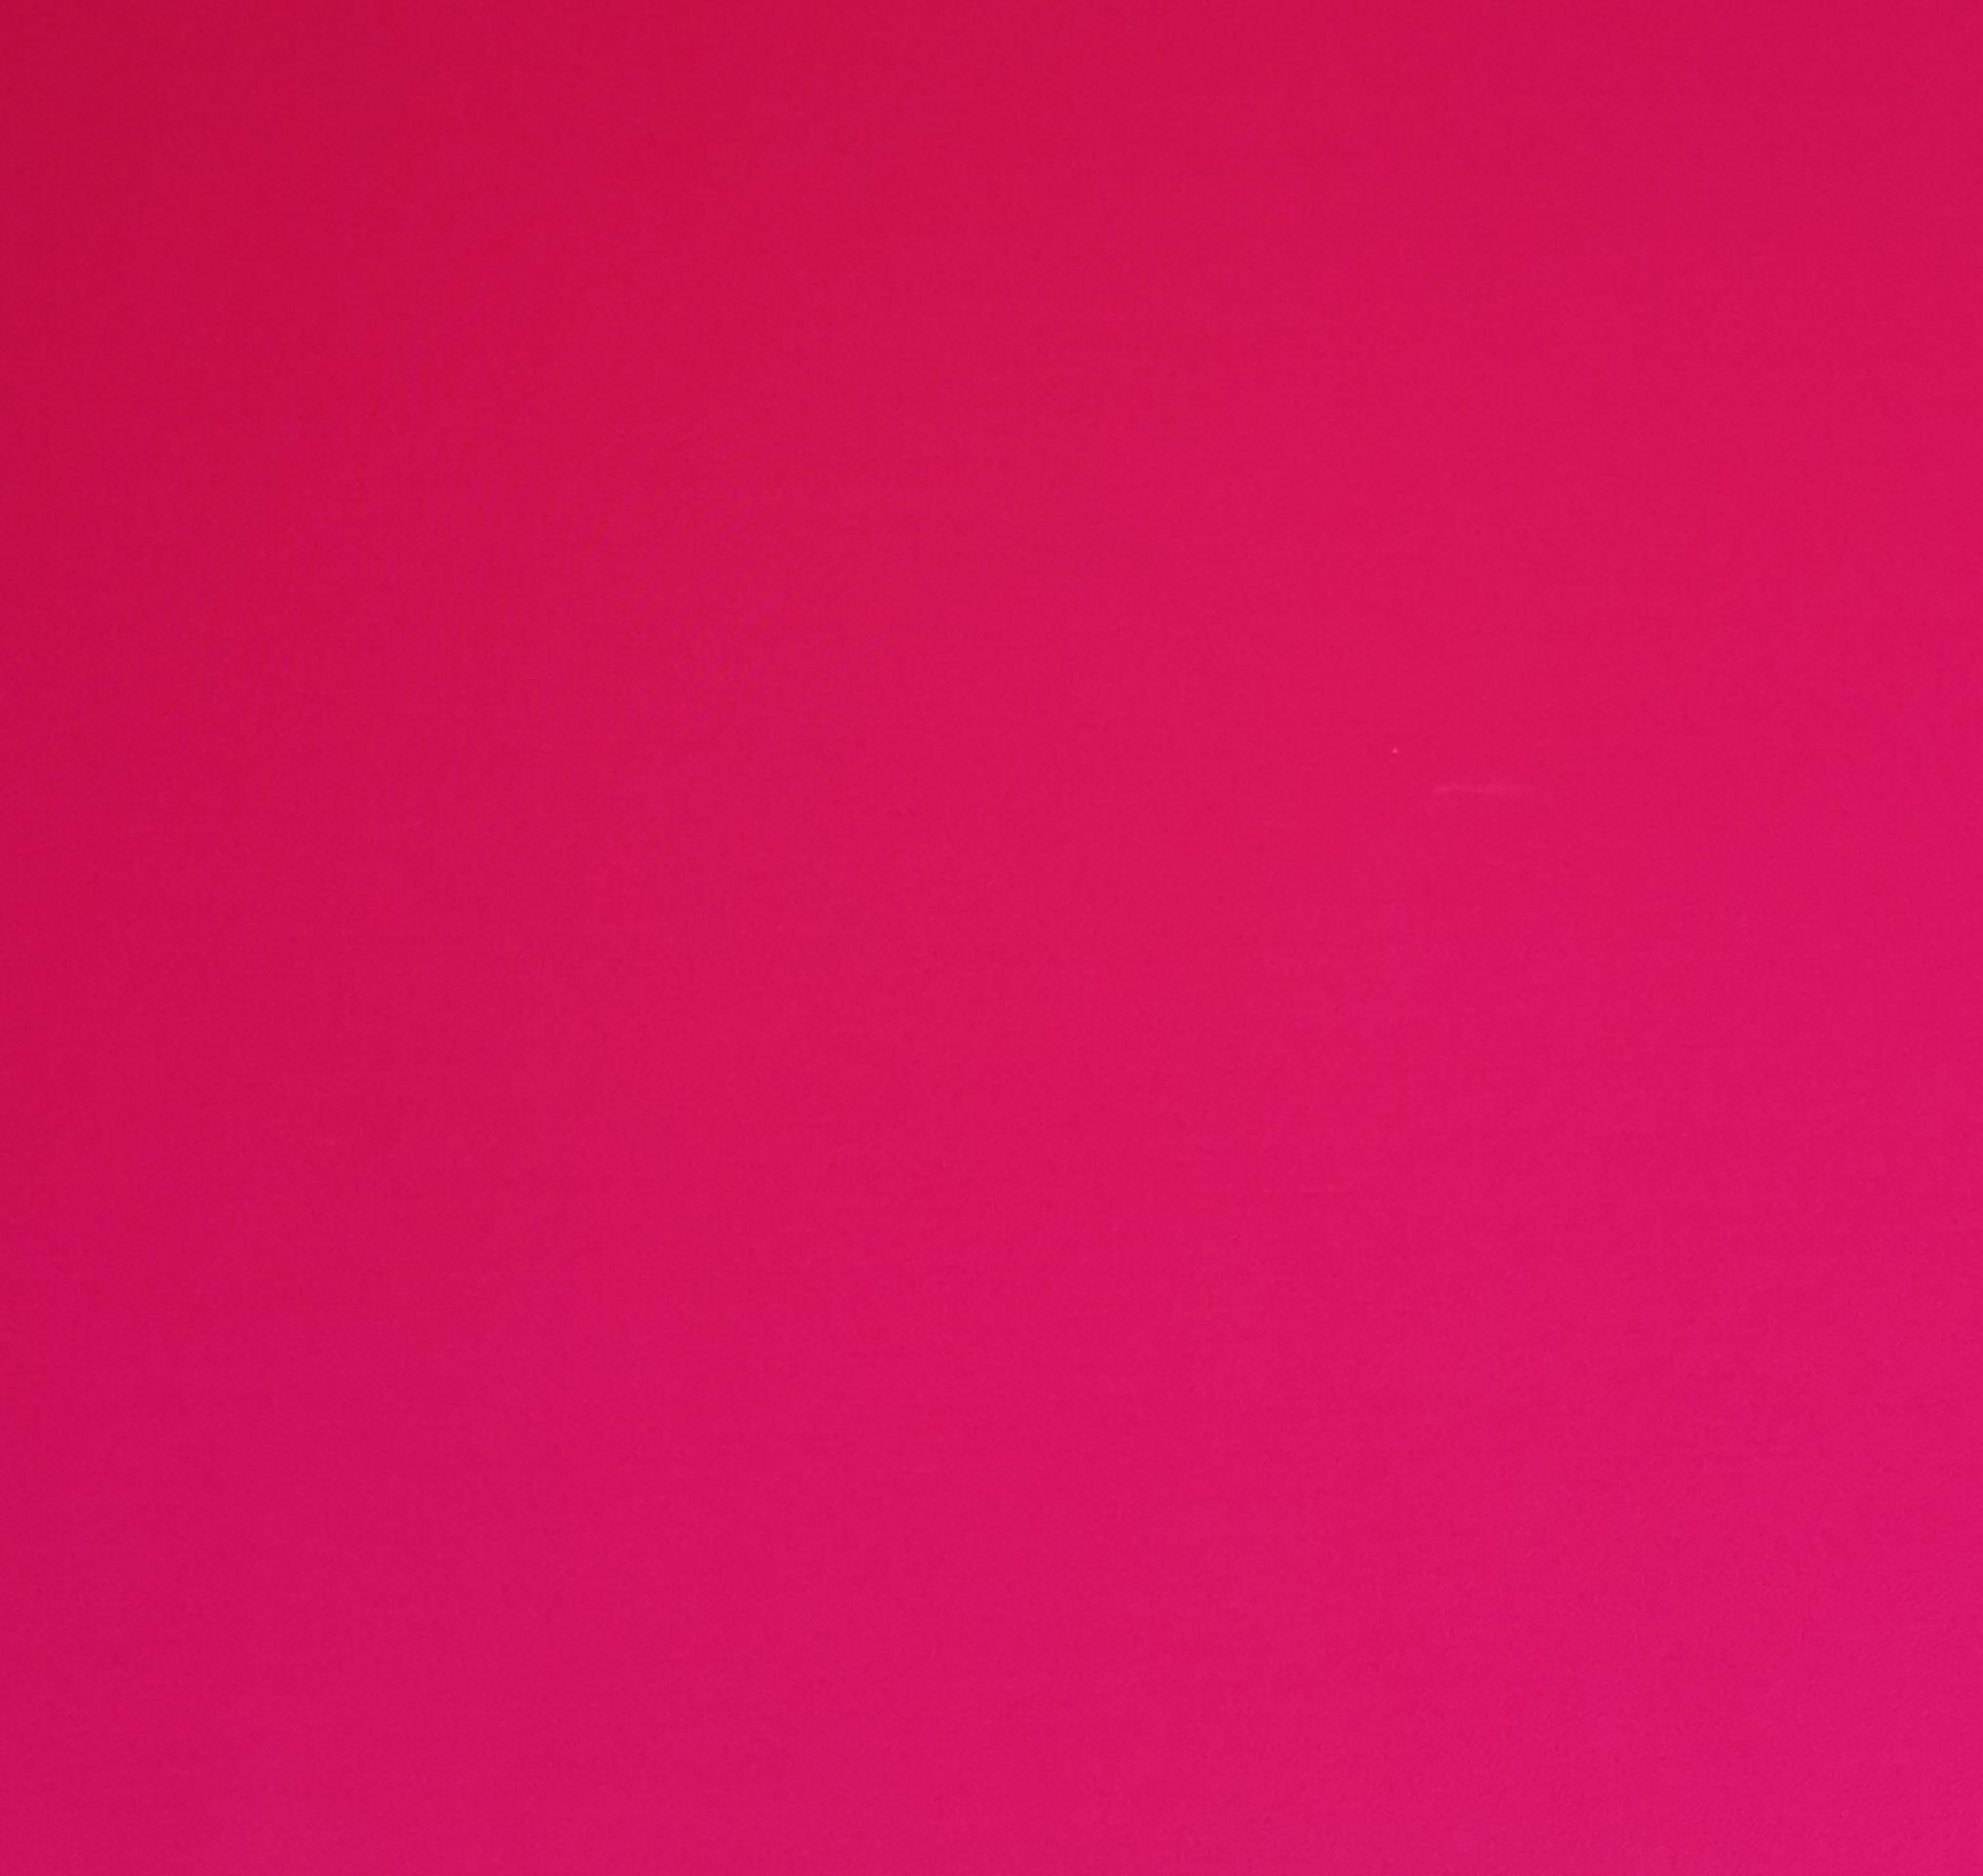 Helles Pink 05546.042